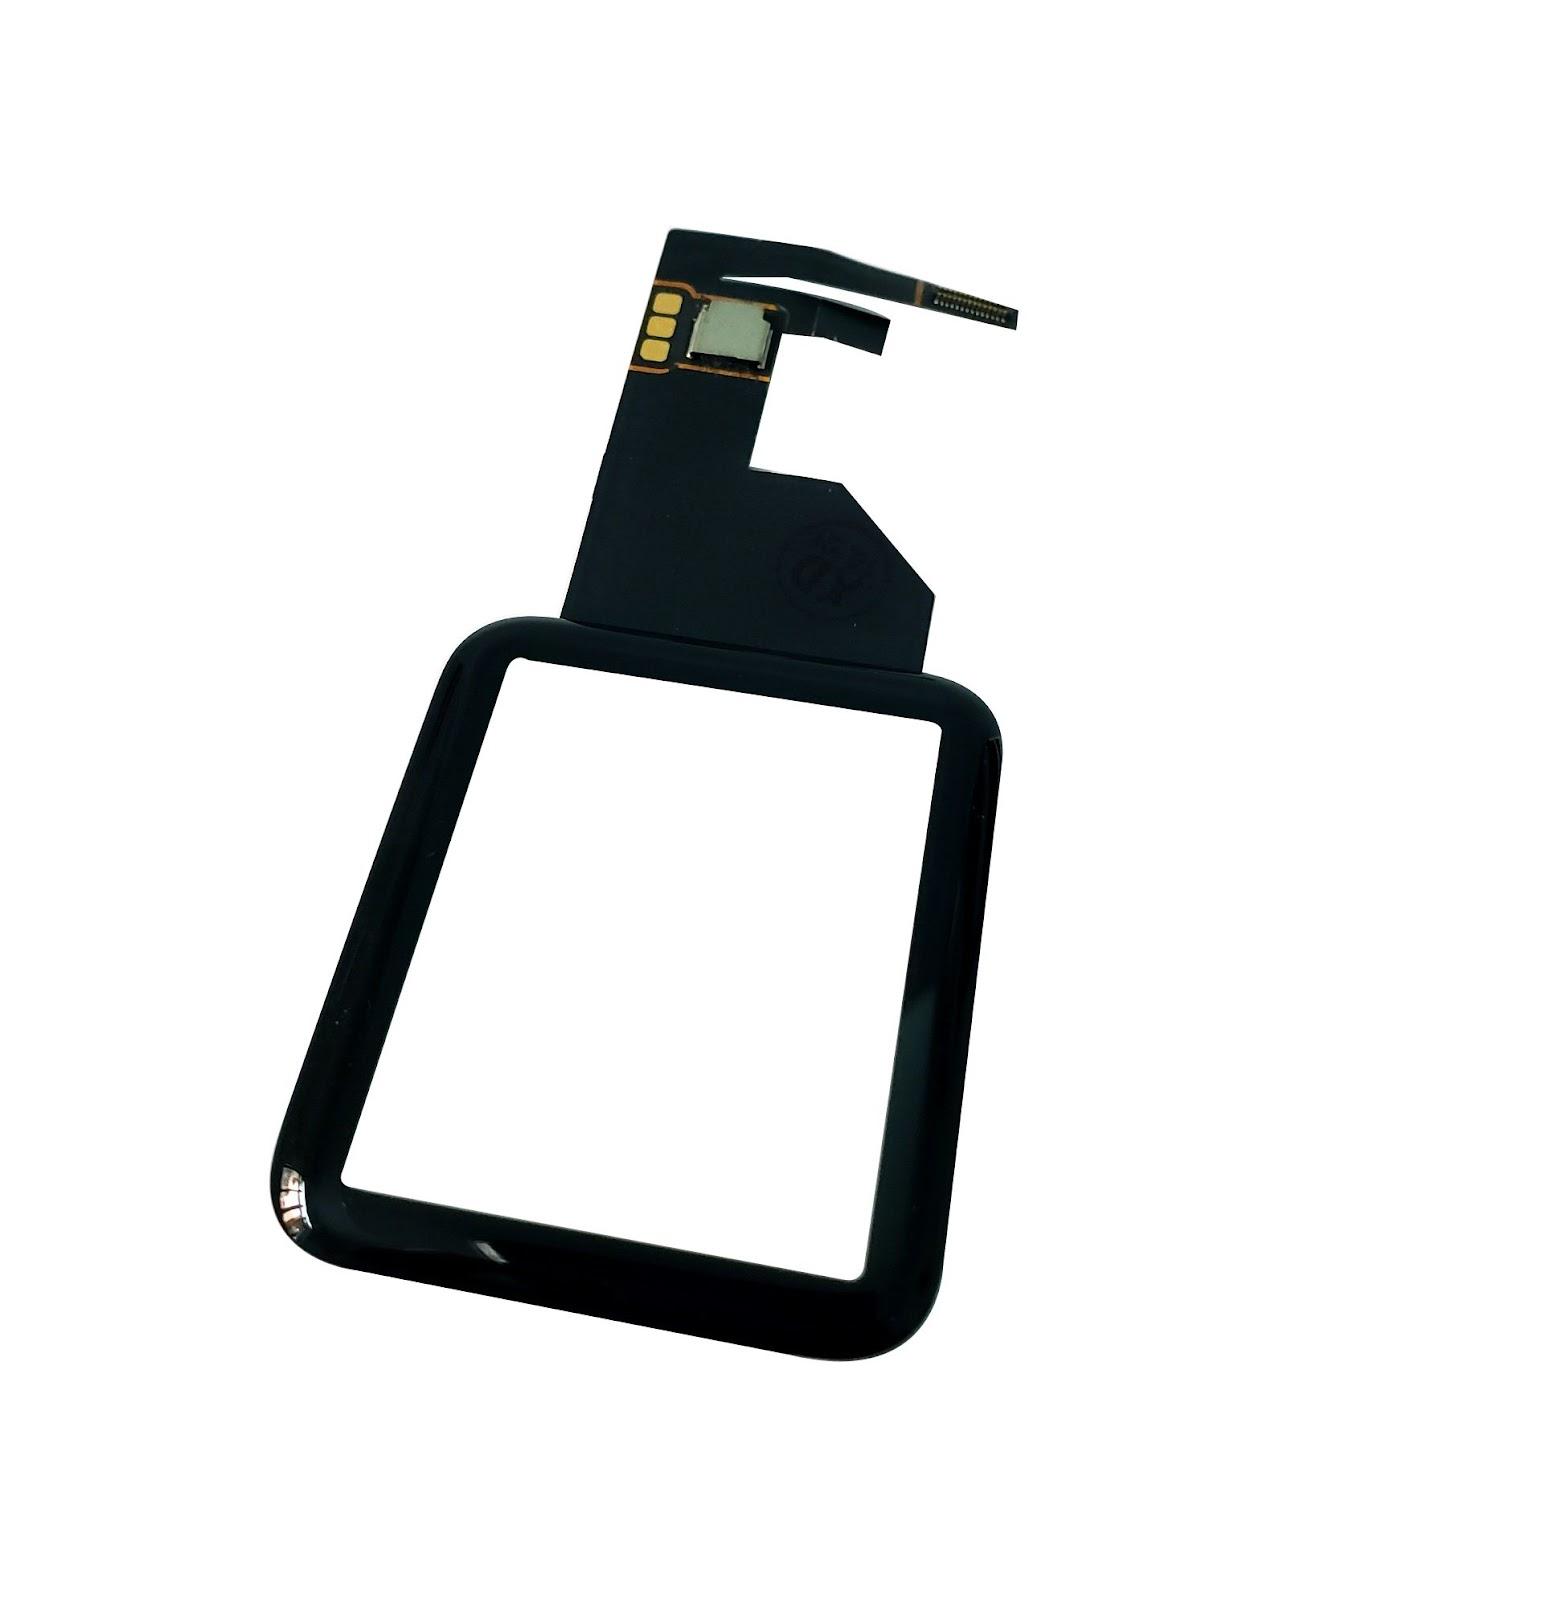 Thay mặt kính Apple Watch Series 2 Giá rẻ - Chất lượng